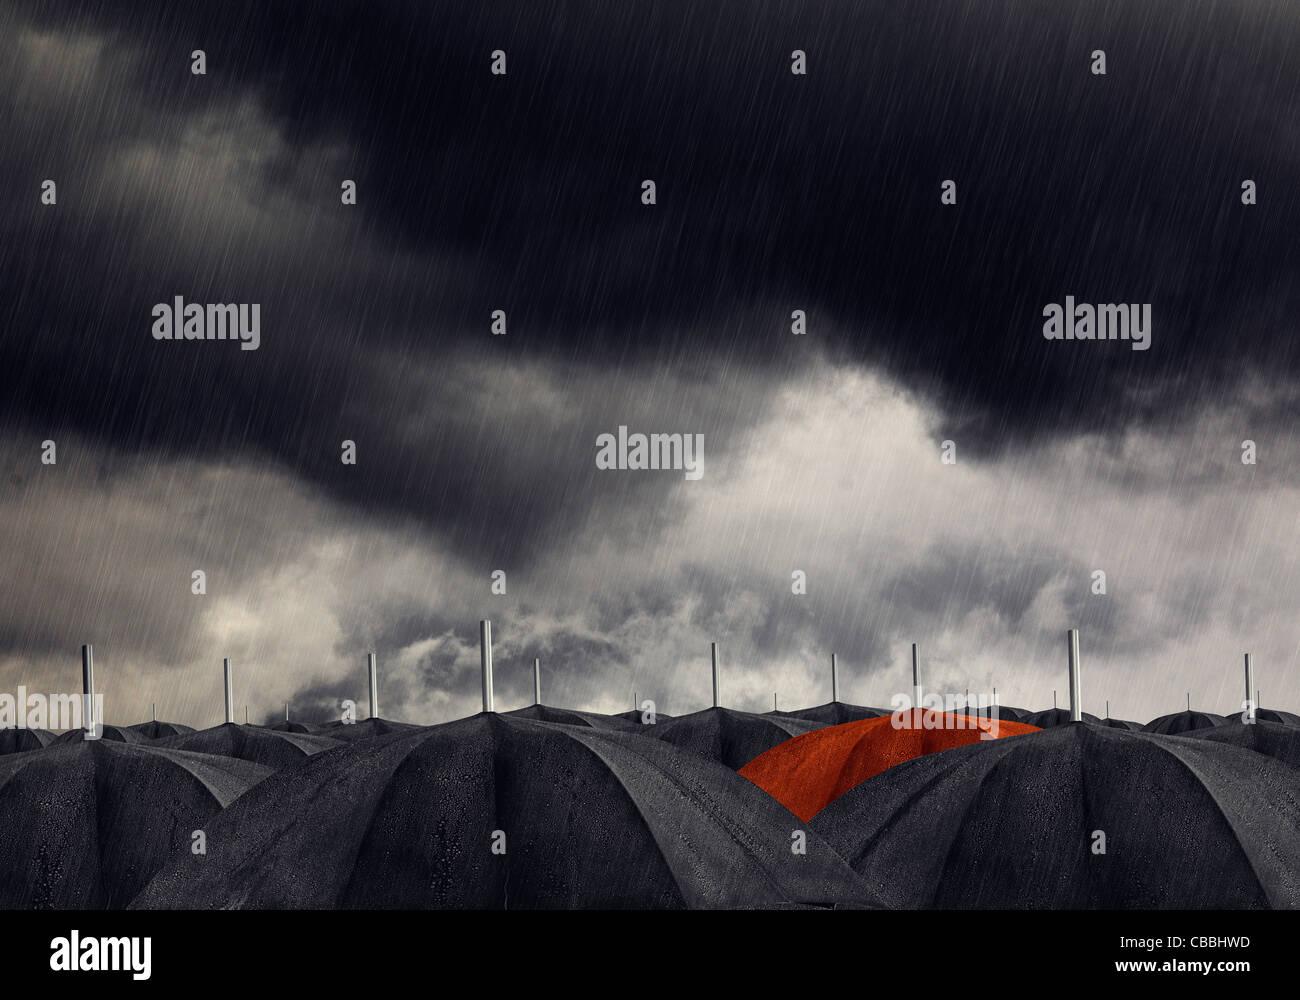 Sombrilla roja con negro paraguas Imagen De Stock